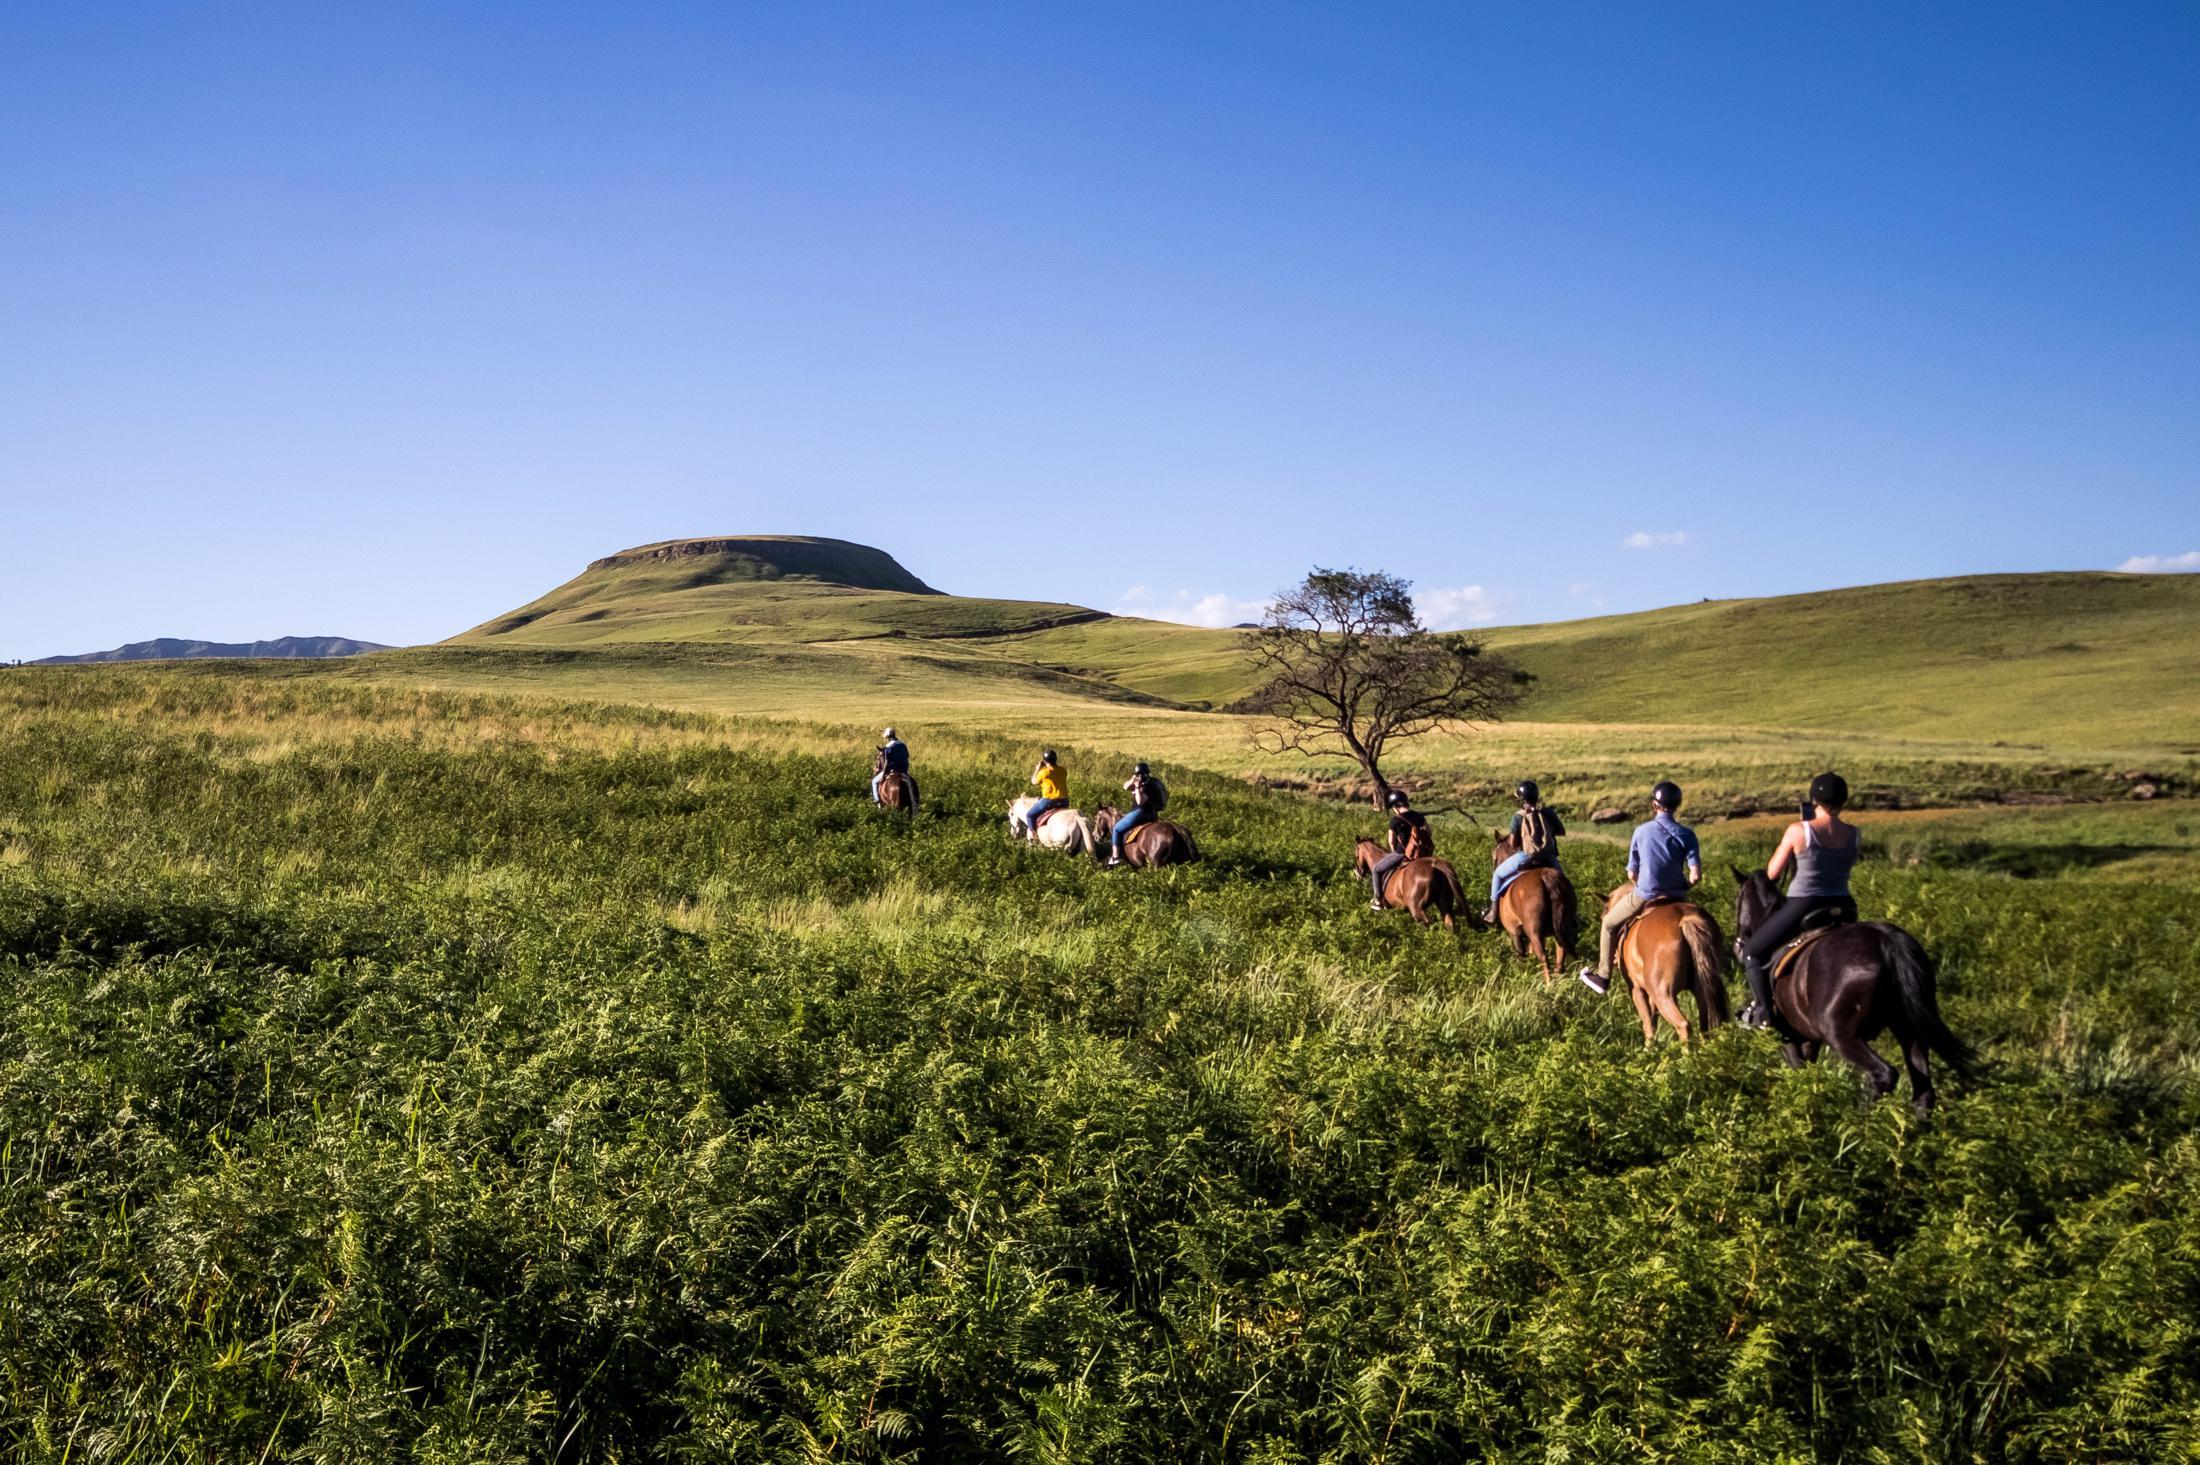 Paarden safari Afrika - Paardrijden in de Drakensbergen (Northern Horse @ Montusi)